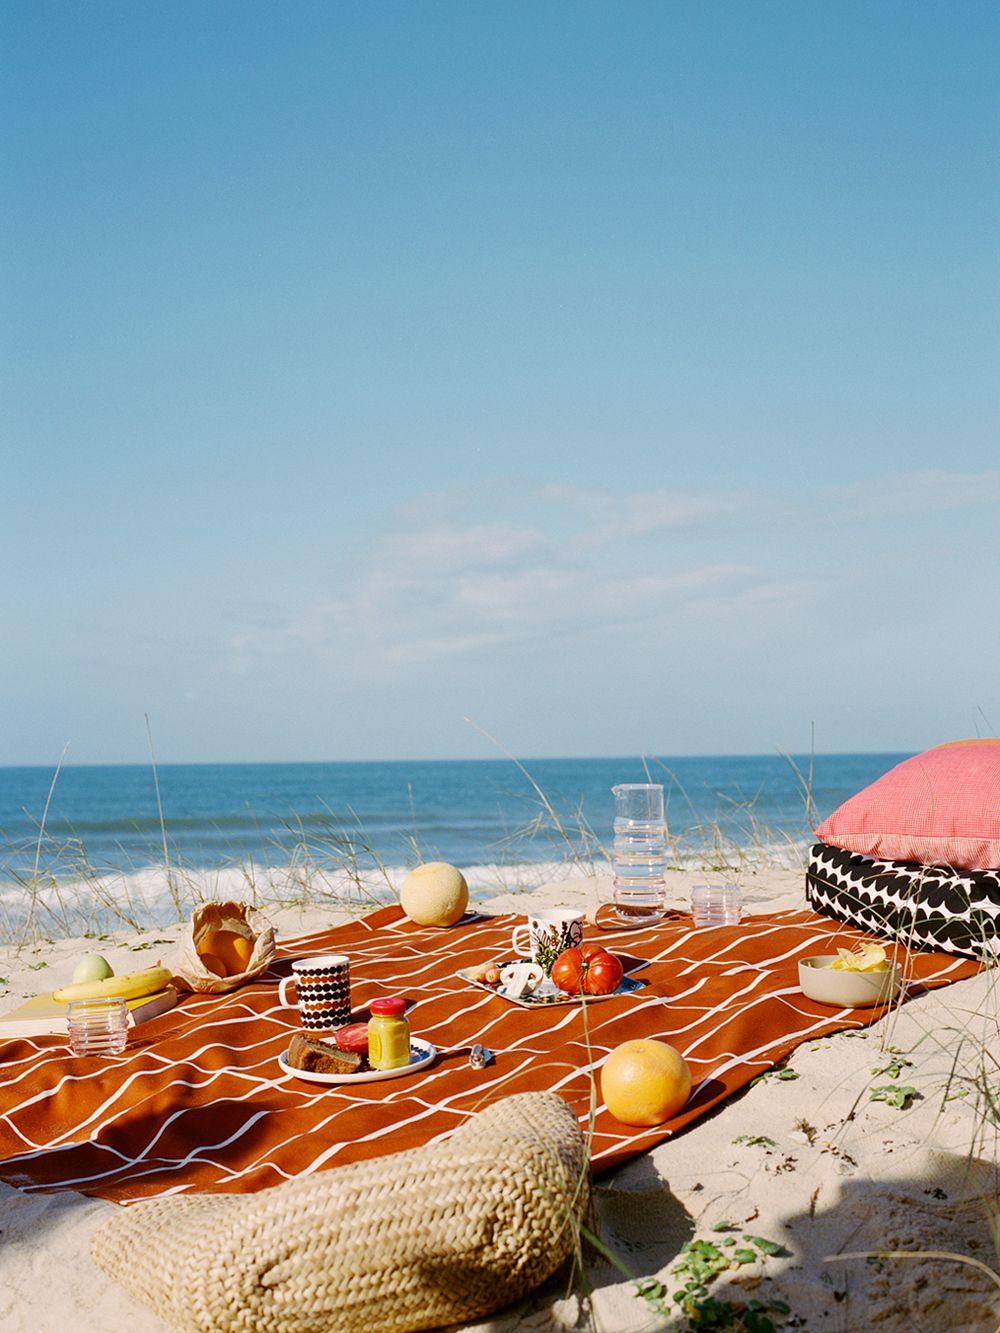 Marimekon Tiiliskivi-piknikalusta rannalla